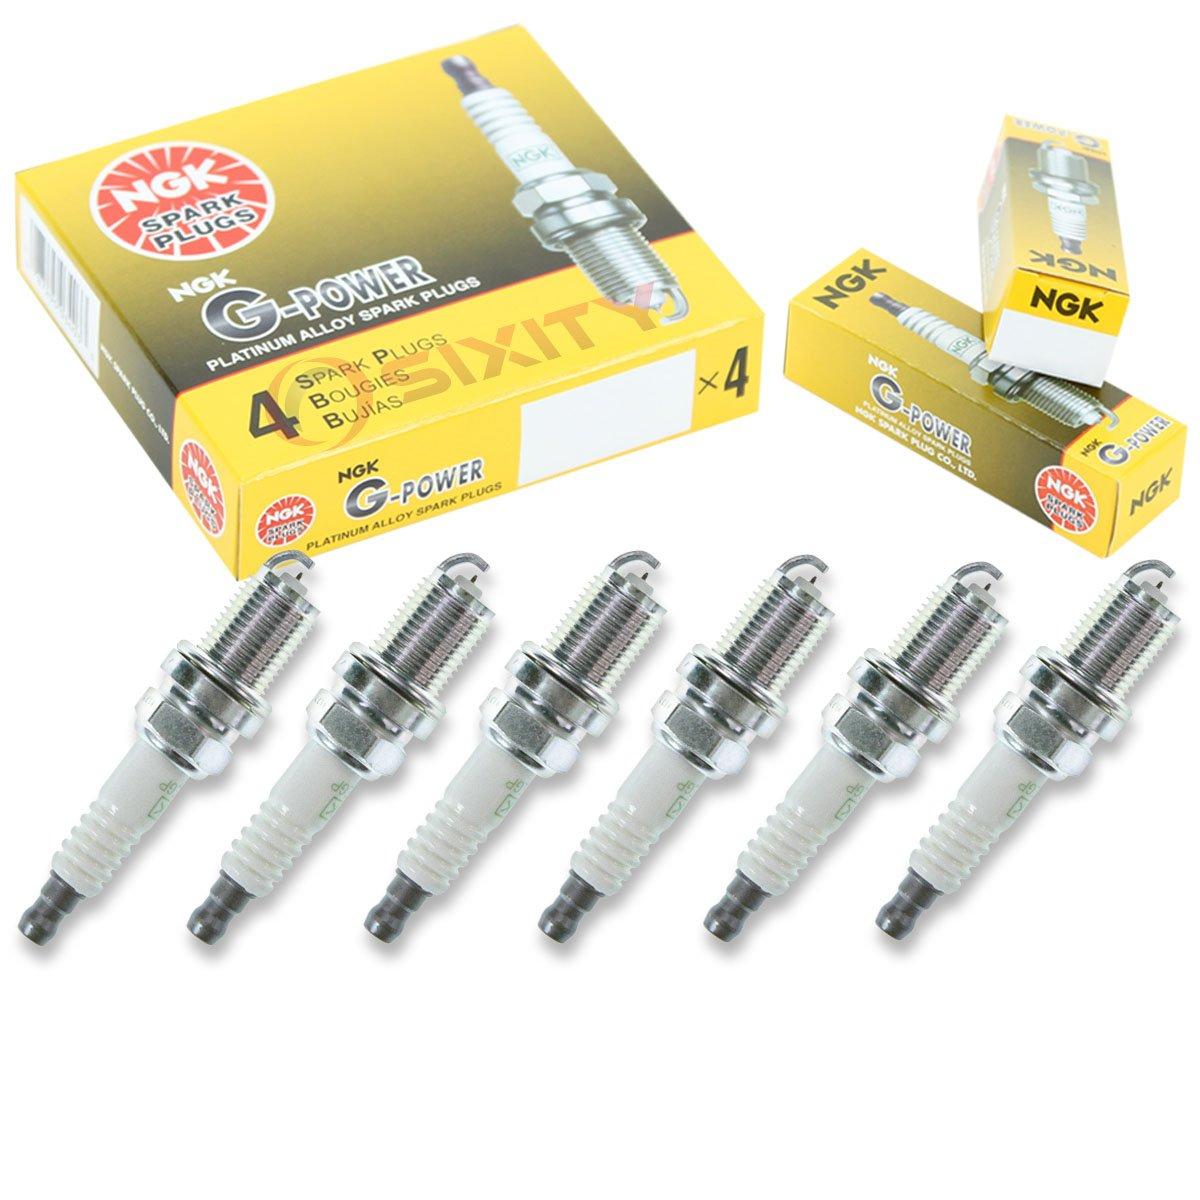 Amazon.com: NGK G-Power 6pcs Spark Plugs Audi A4 Quattro 96-04 2.8L 3.0L V6 Kit Set Tune: Automotive